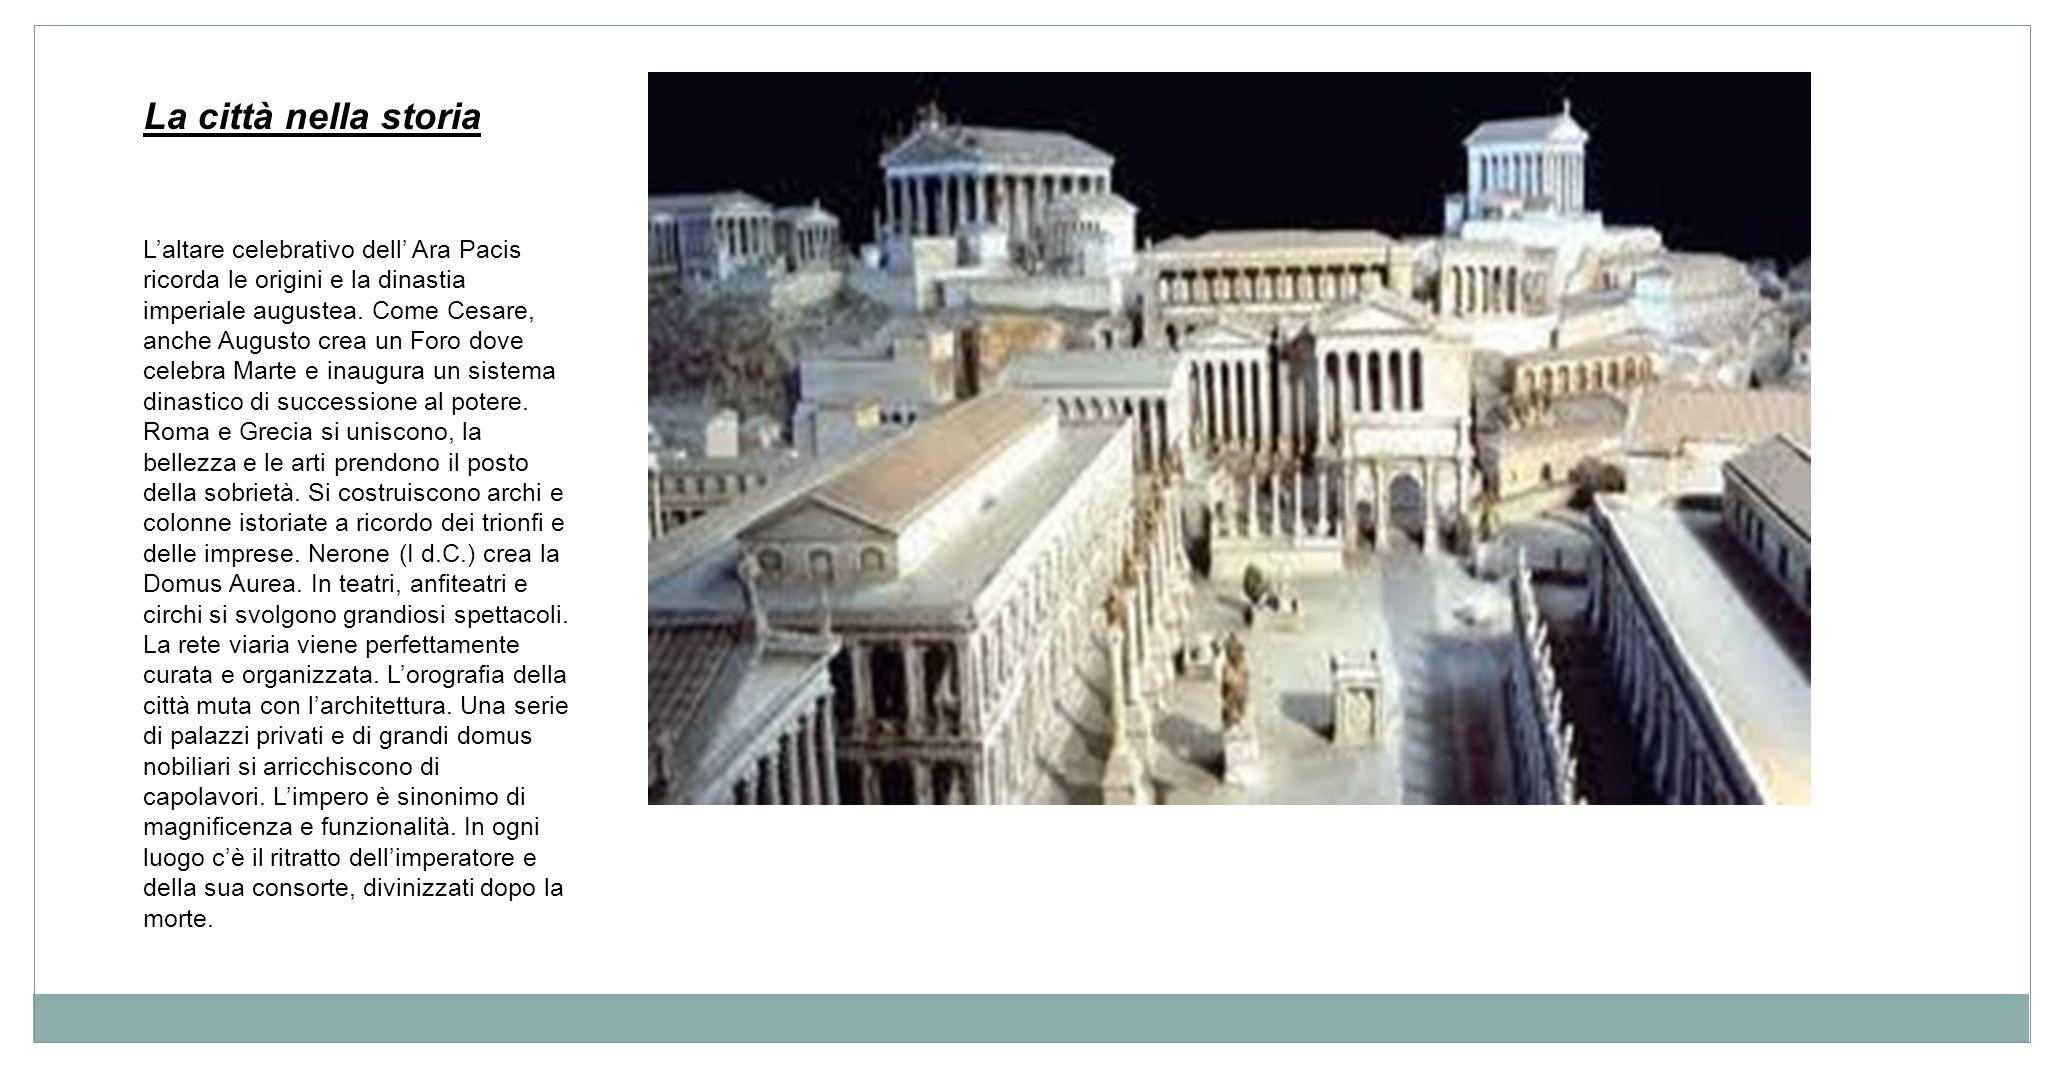 La città nella storia